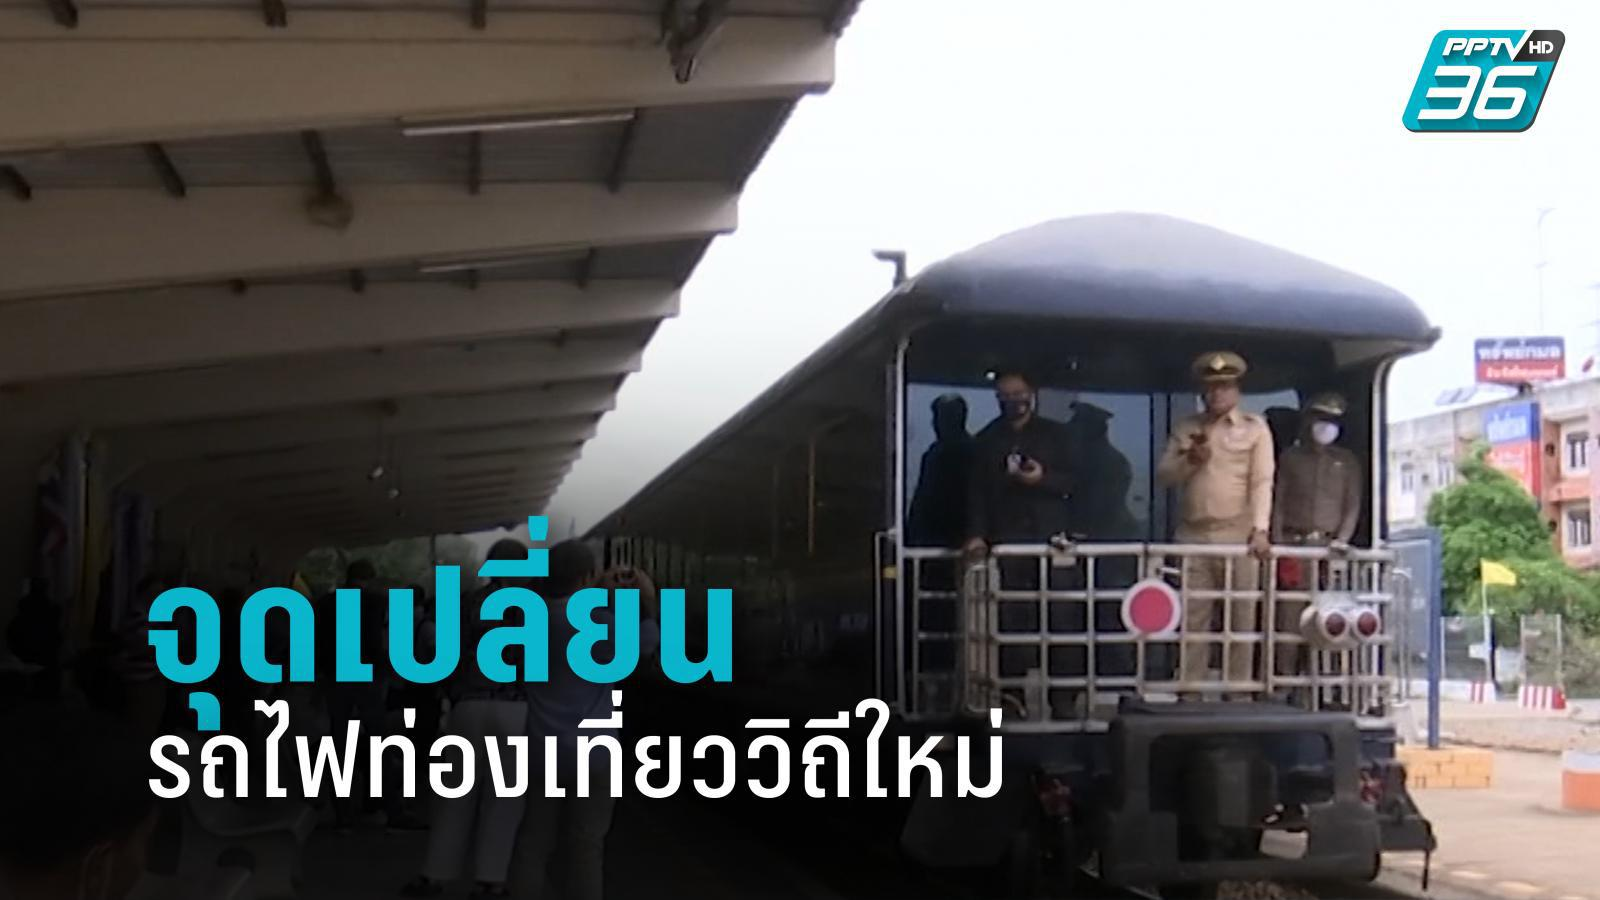 """""""รถไฟทางคู่"""" จุดเปลี่ยนรถไฟเพื่อการท่องเที่ยววิถีใหม่"""